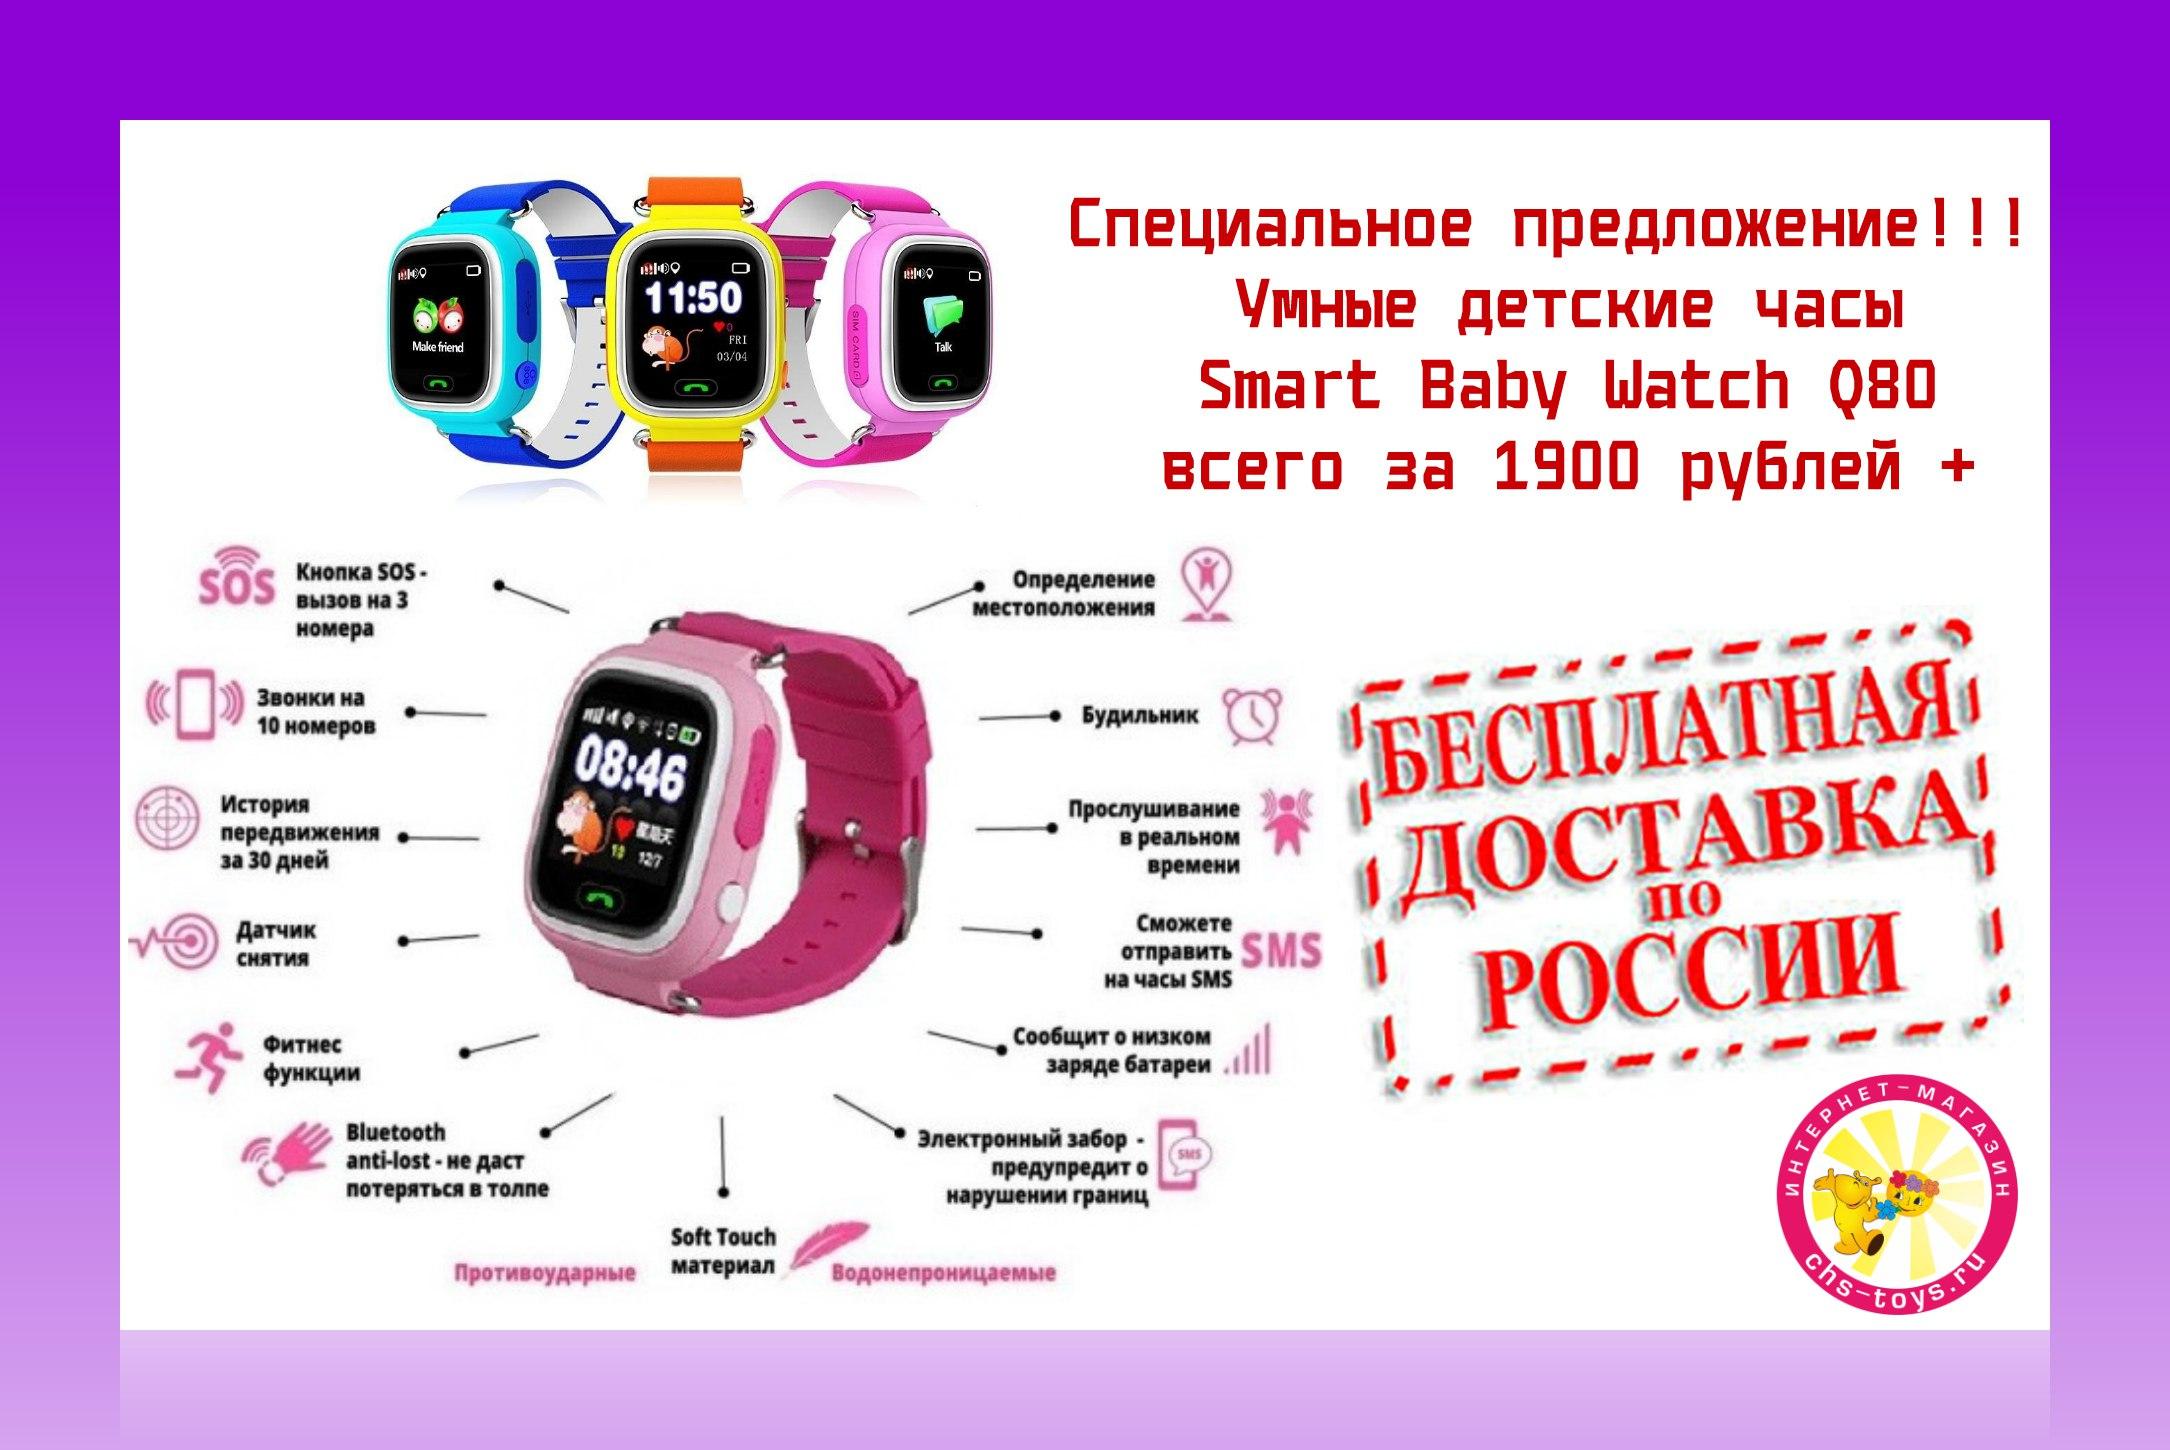 Baby Watch Q80 с доставкой по России.